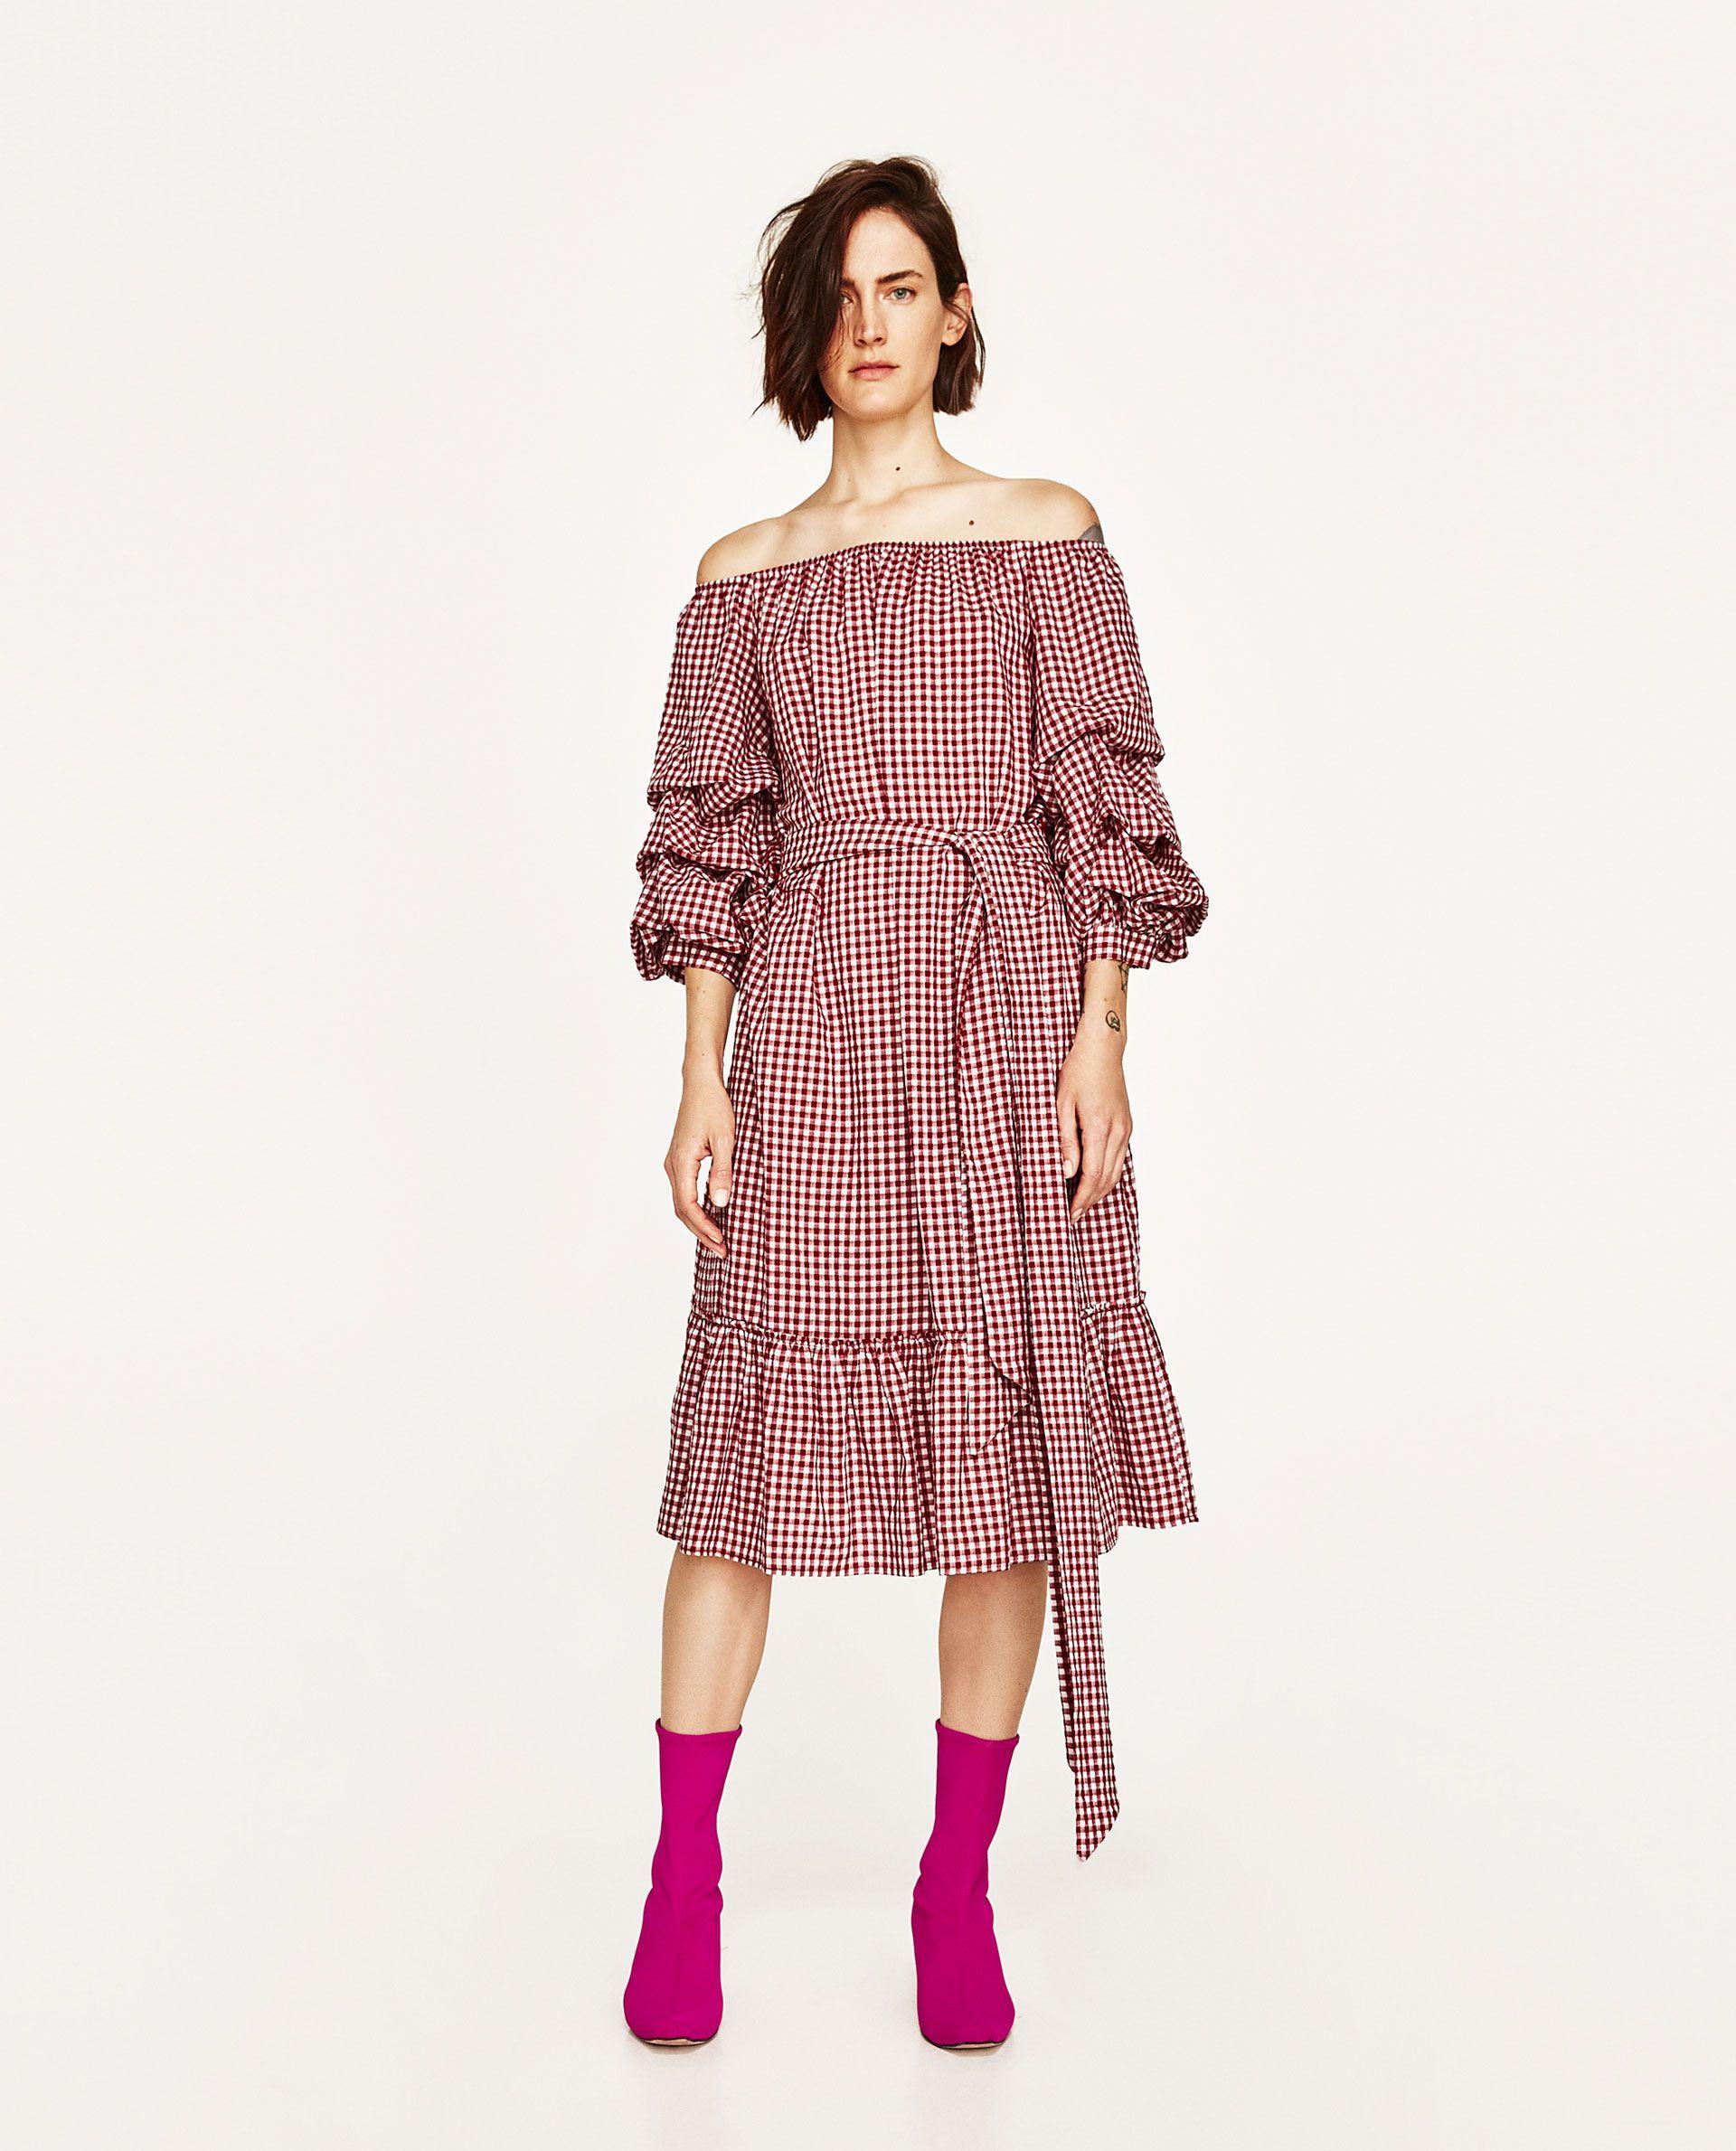 ZARA  Kleider damen, Coole kleider, Modestil